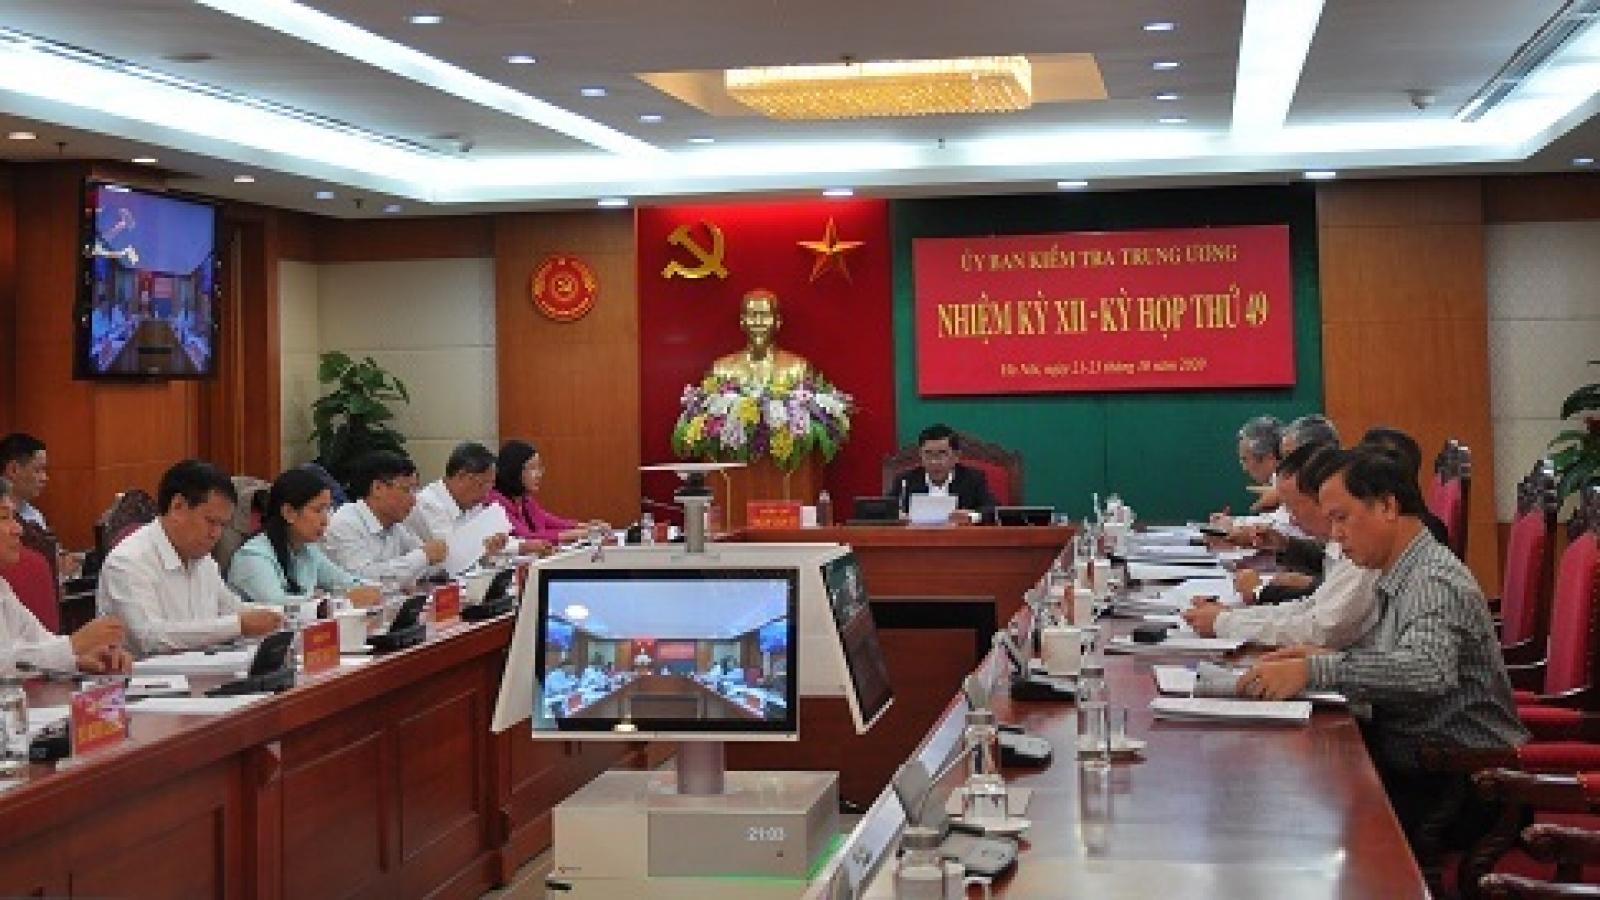 Toàn văn Thông cáo báo chí kỳ họp 49 của UBKT Trung ương